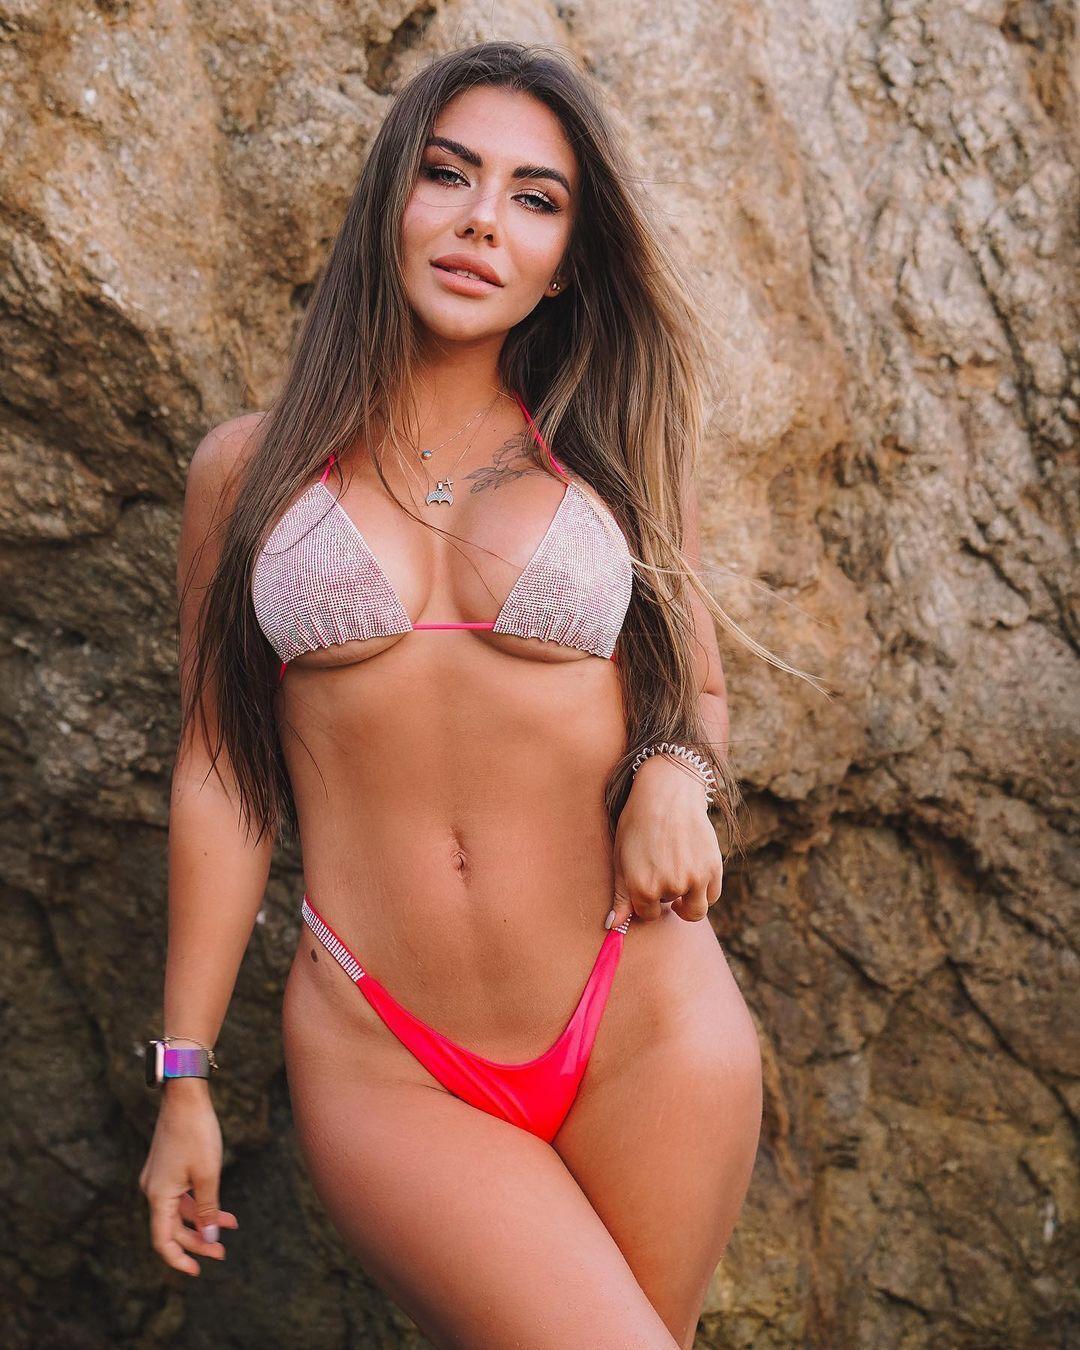 Стужук зізналася, що вважає зараз свої груди дуже великими